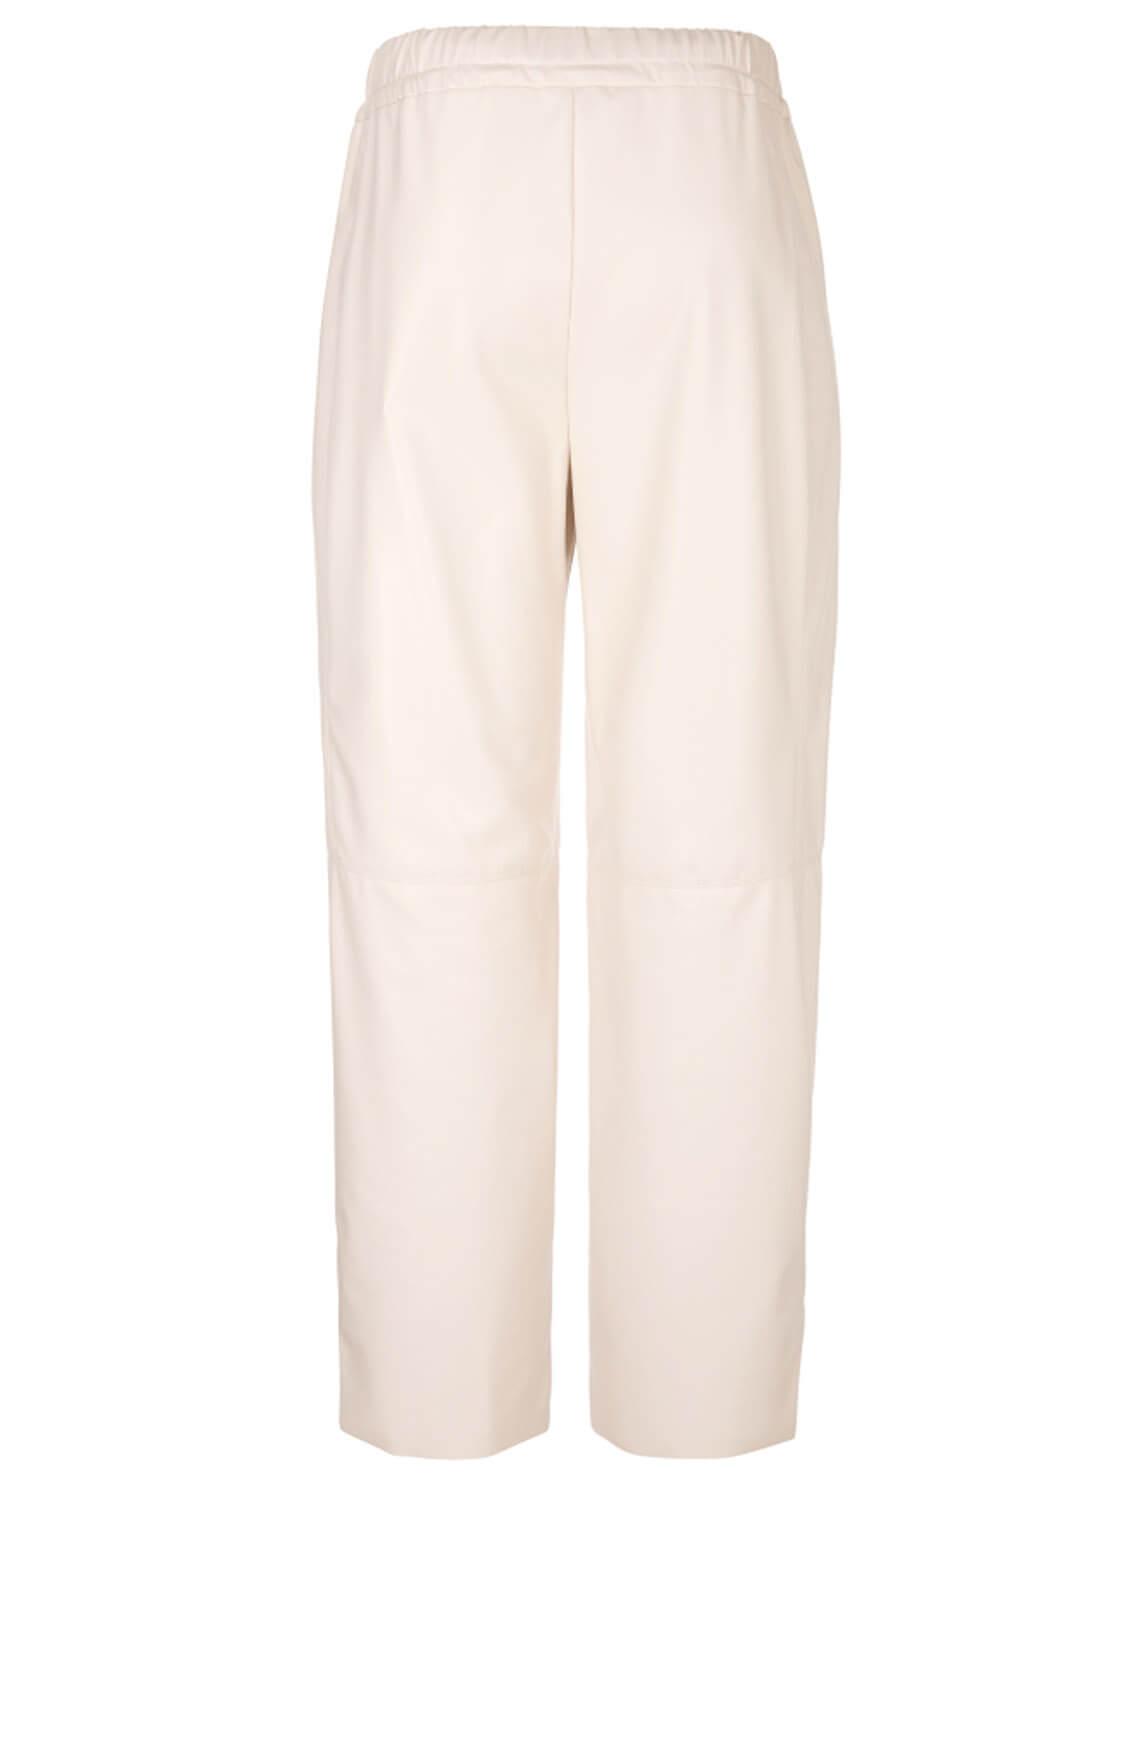 Marccain Dames Imitatieleren pantalon Ecru